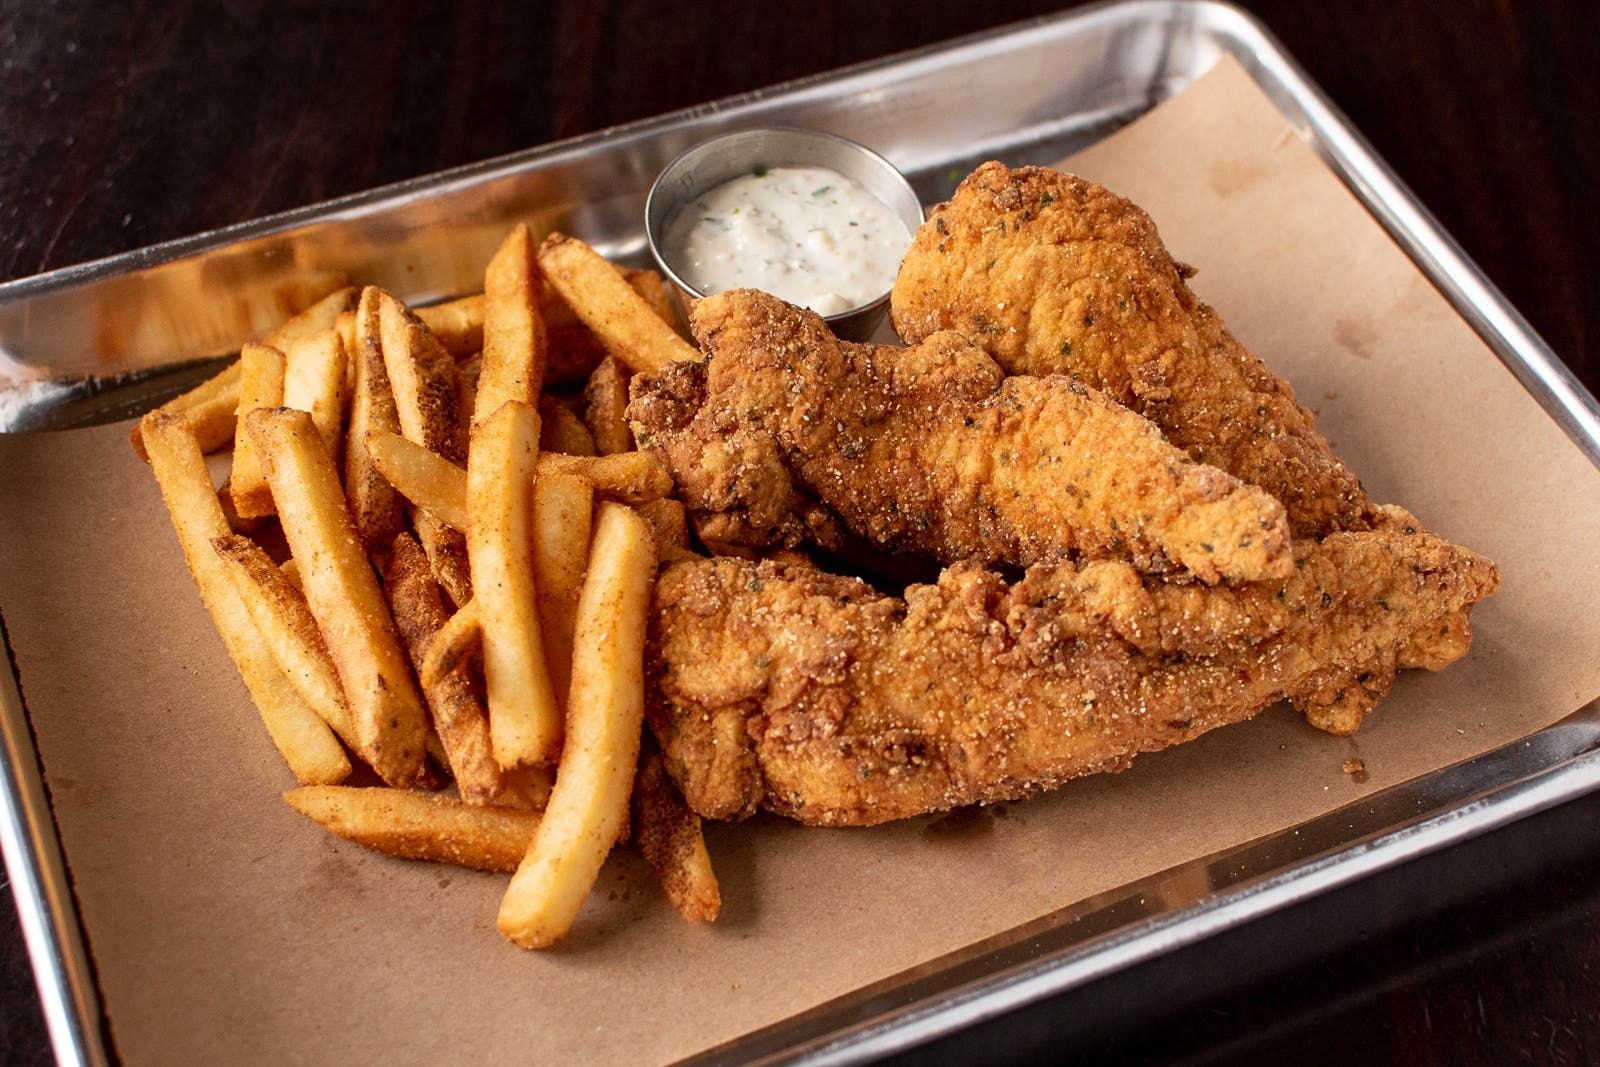 Hand Breaded Chicken Tenders Combo Meal from Midcoast Wings - Wausau in Wausau, WI